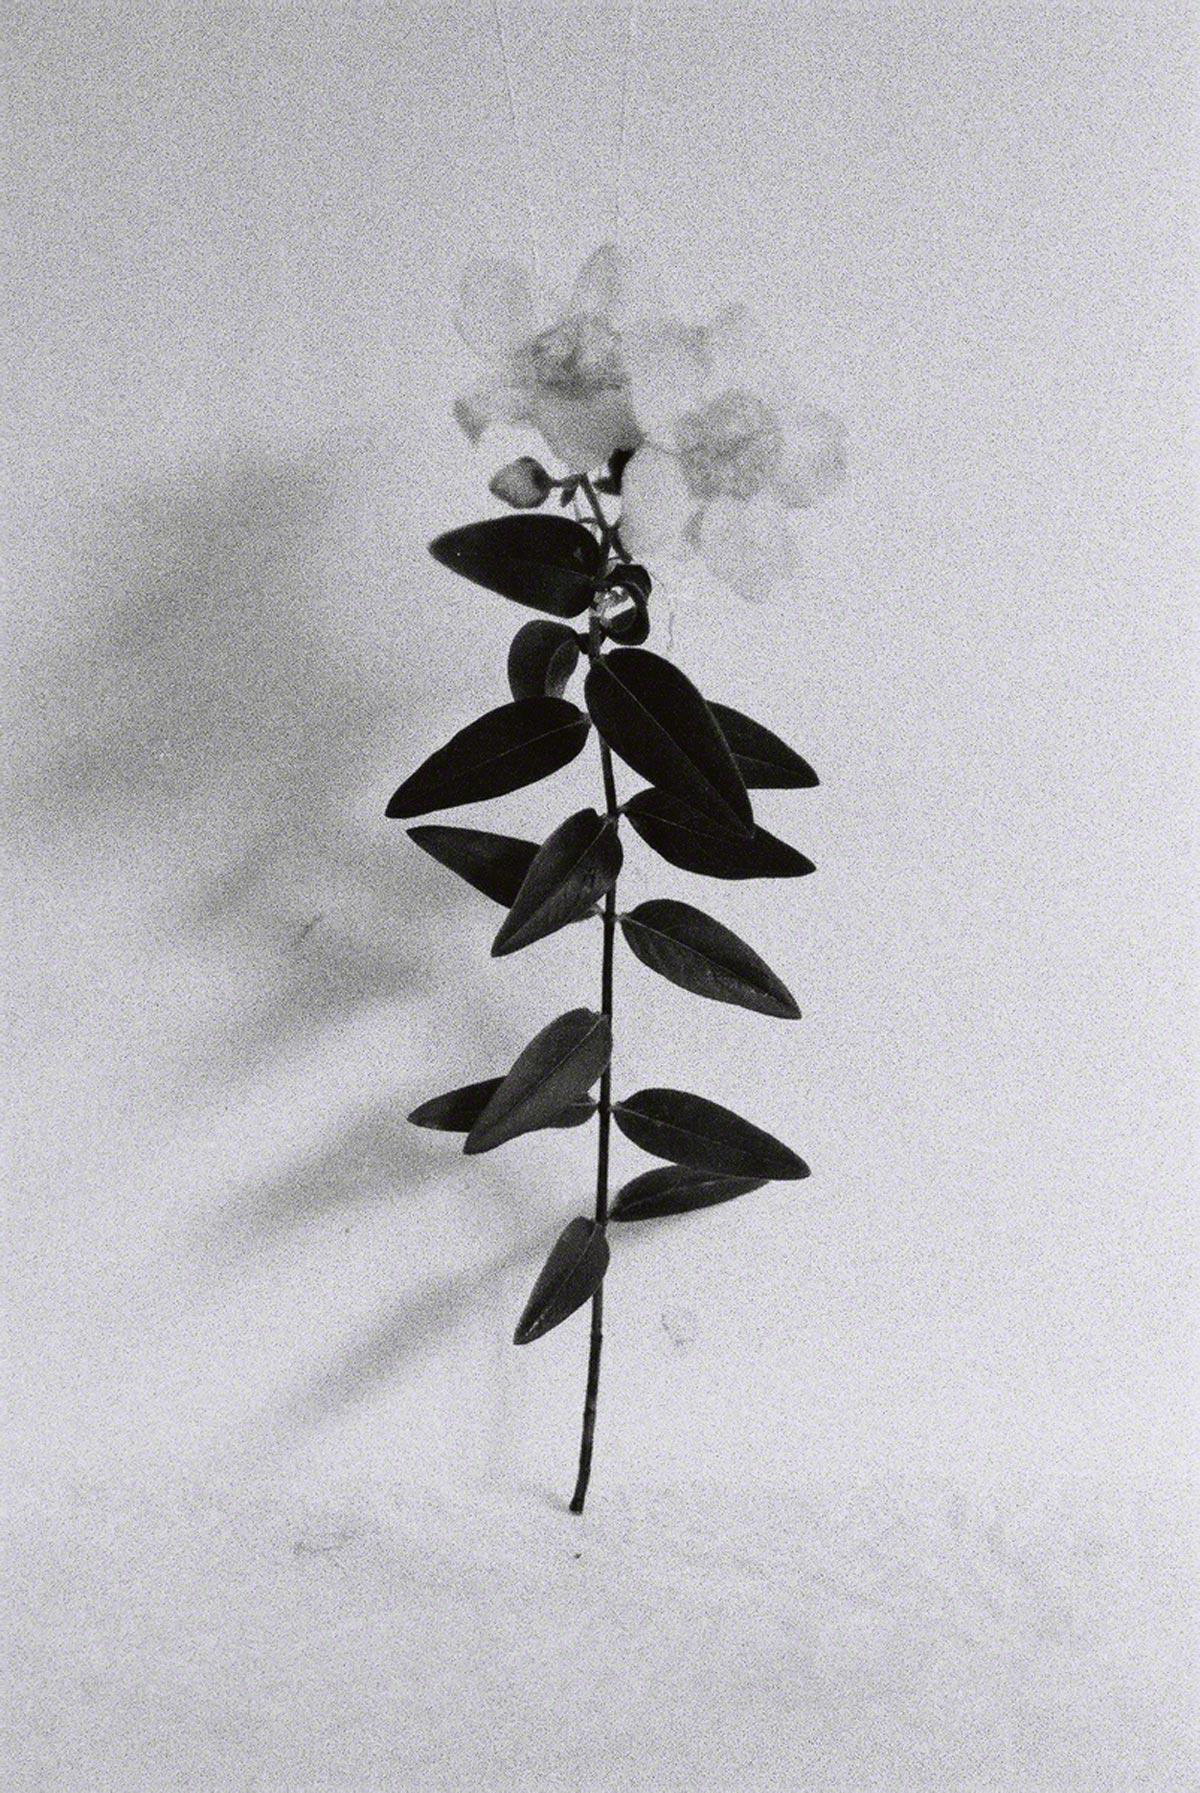 Millepertuis dans l'atelier #2, prise de vue argentique en noir et blanc, Marie-Claire Raoul